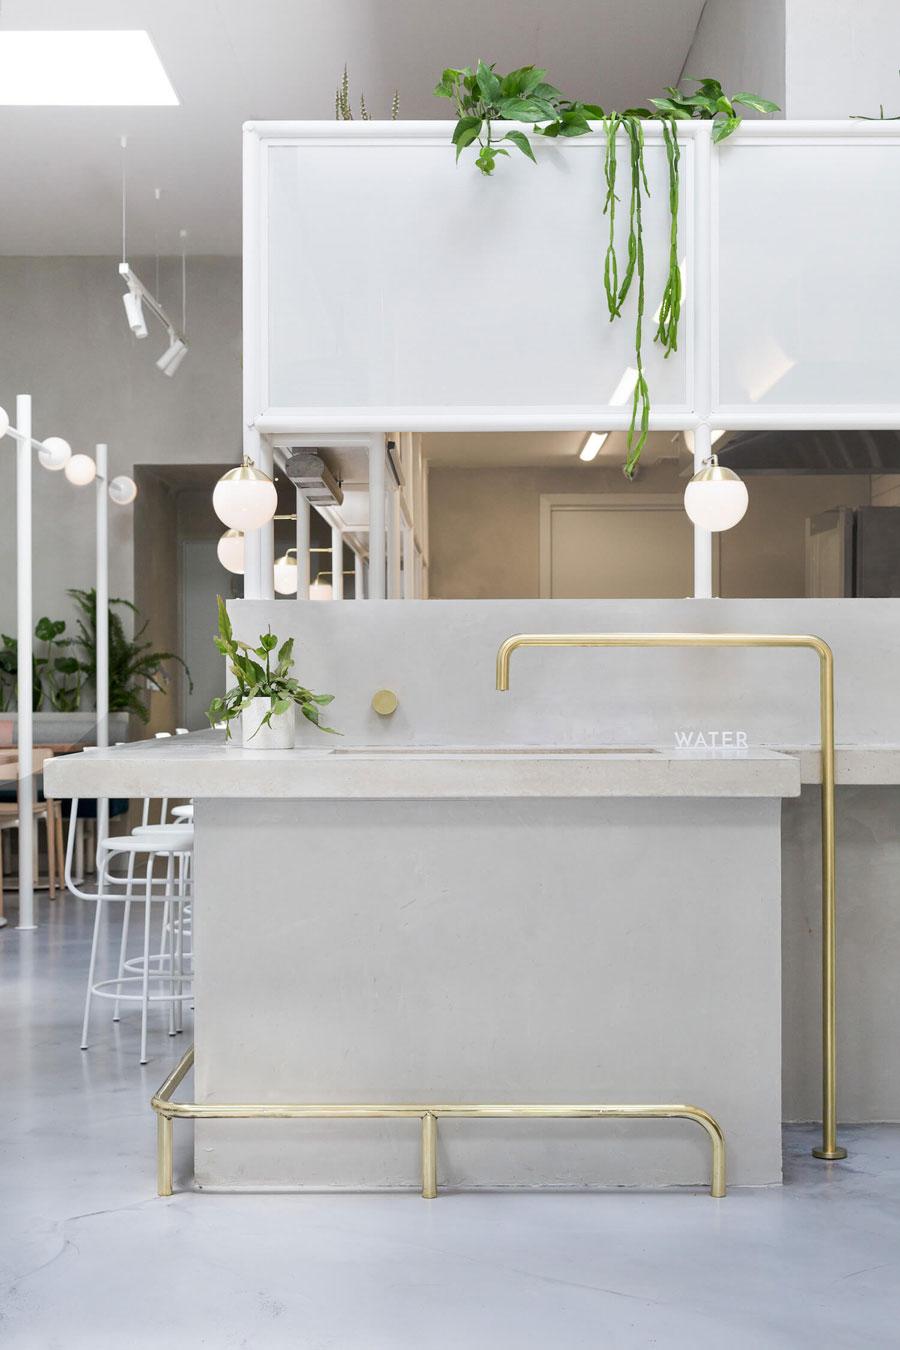 thiết kế quán trà sữa nhỏ đẹp lung linh ảnh 9